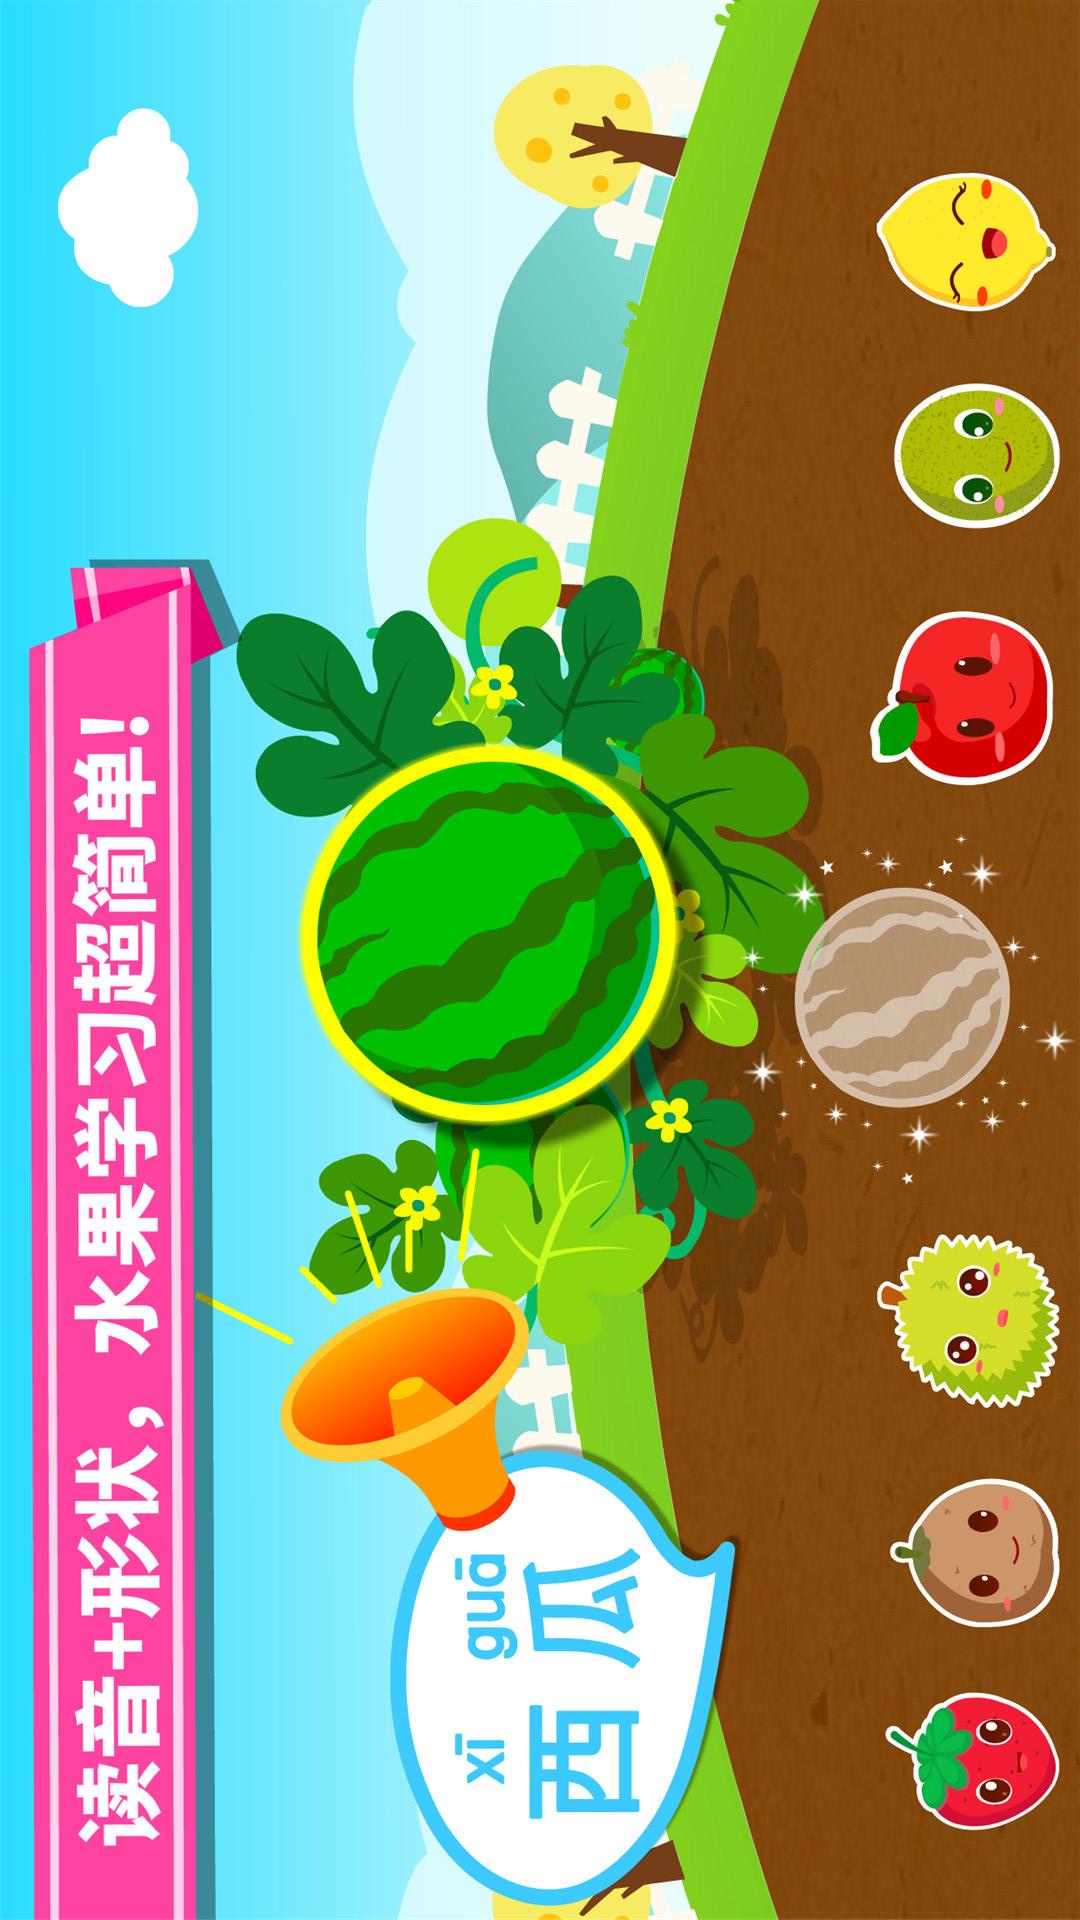 宝宝学水果-宝宝巴士-应用截图